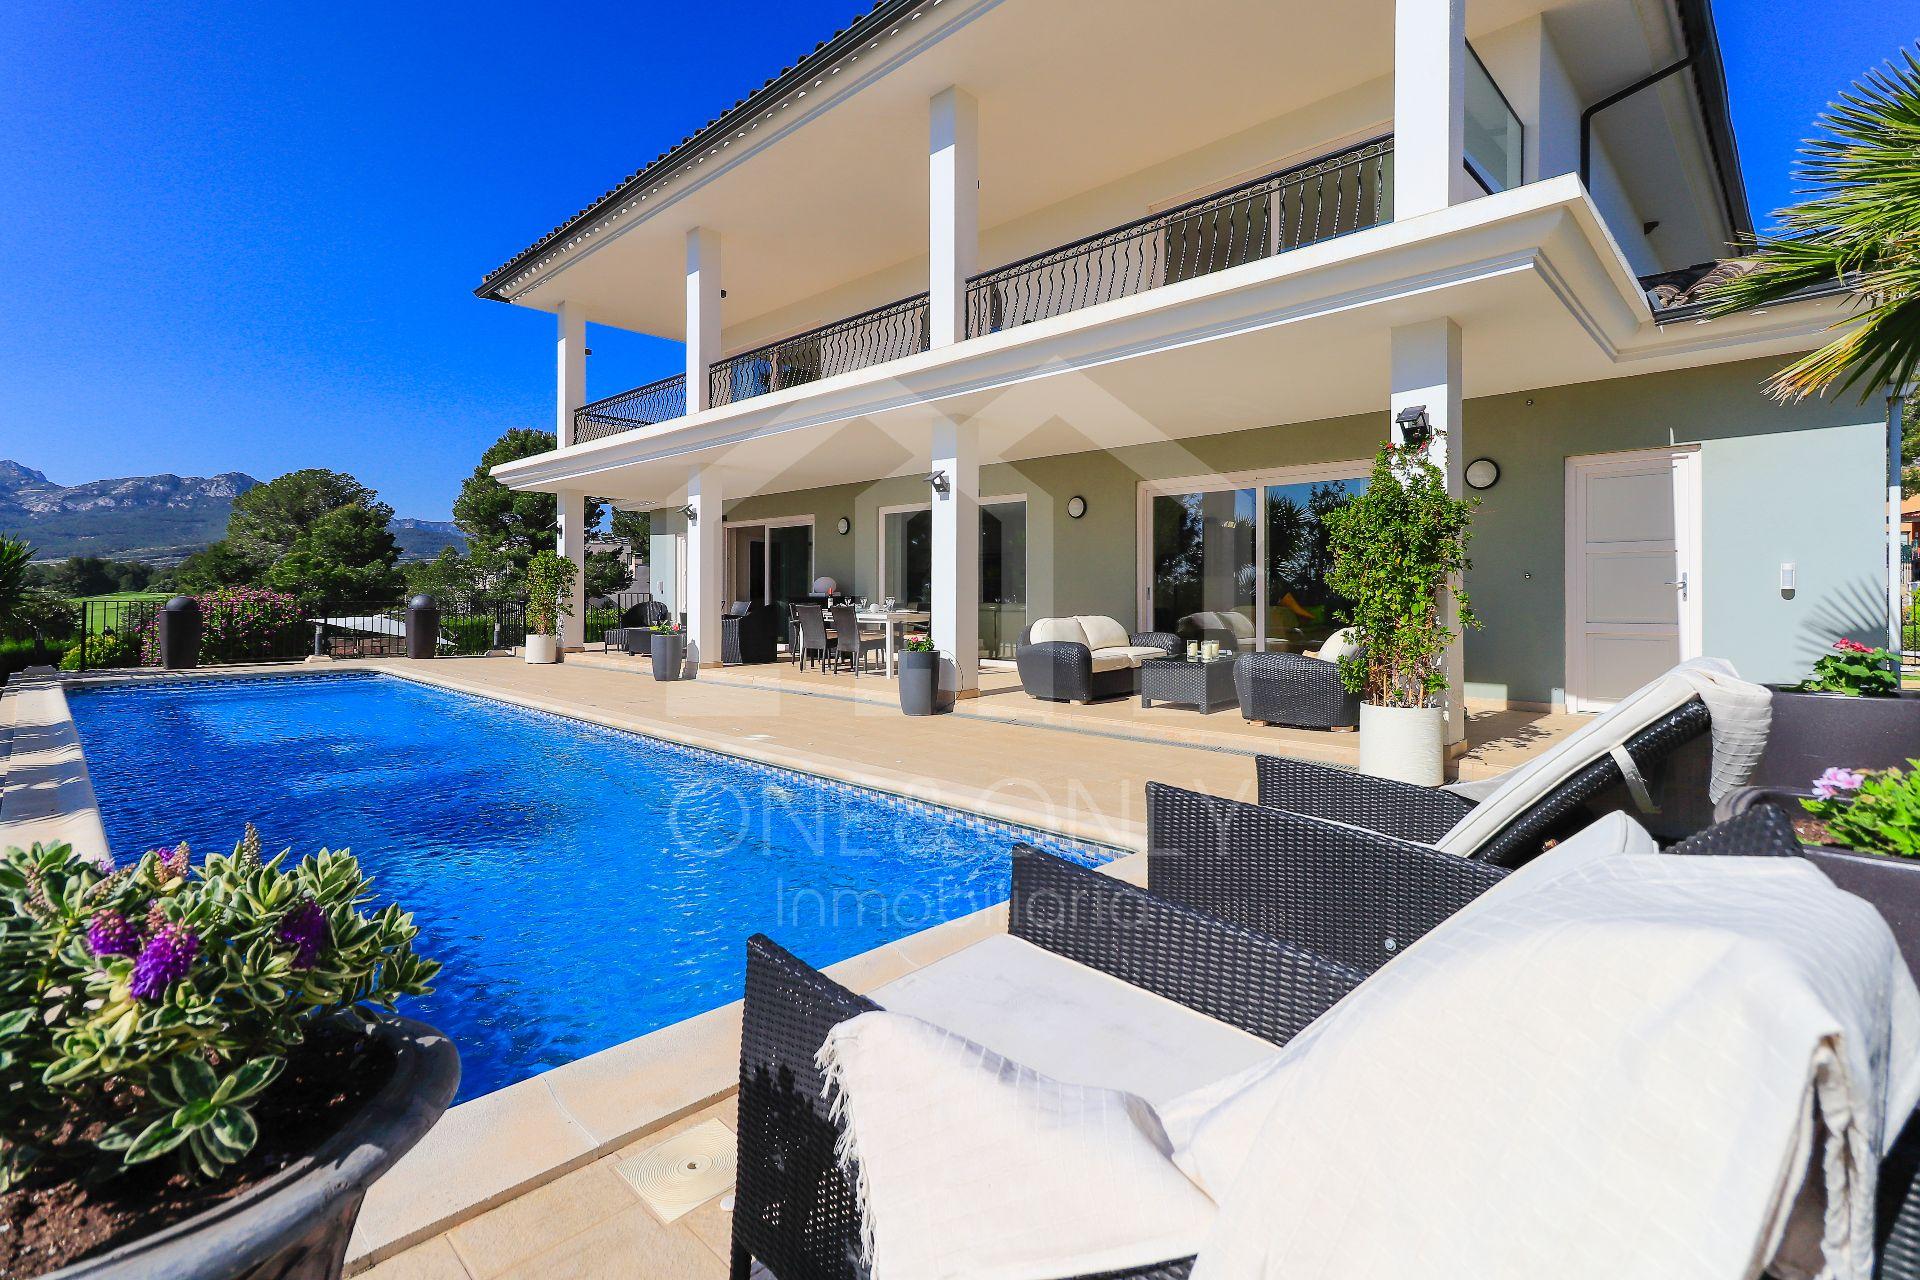 Villa de Lujo en Montroig, Club de Golf Bonmont Terres Noves, venta